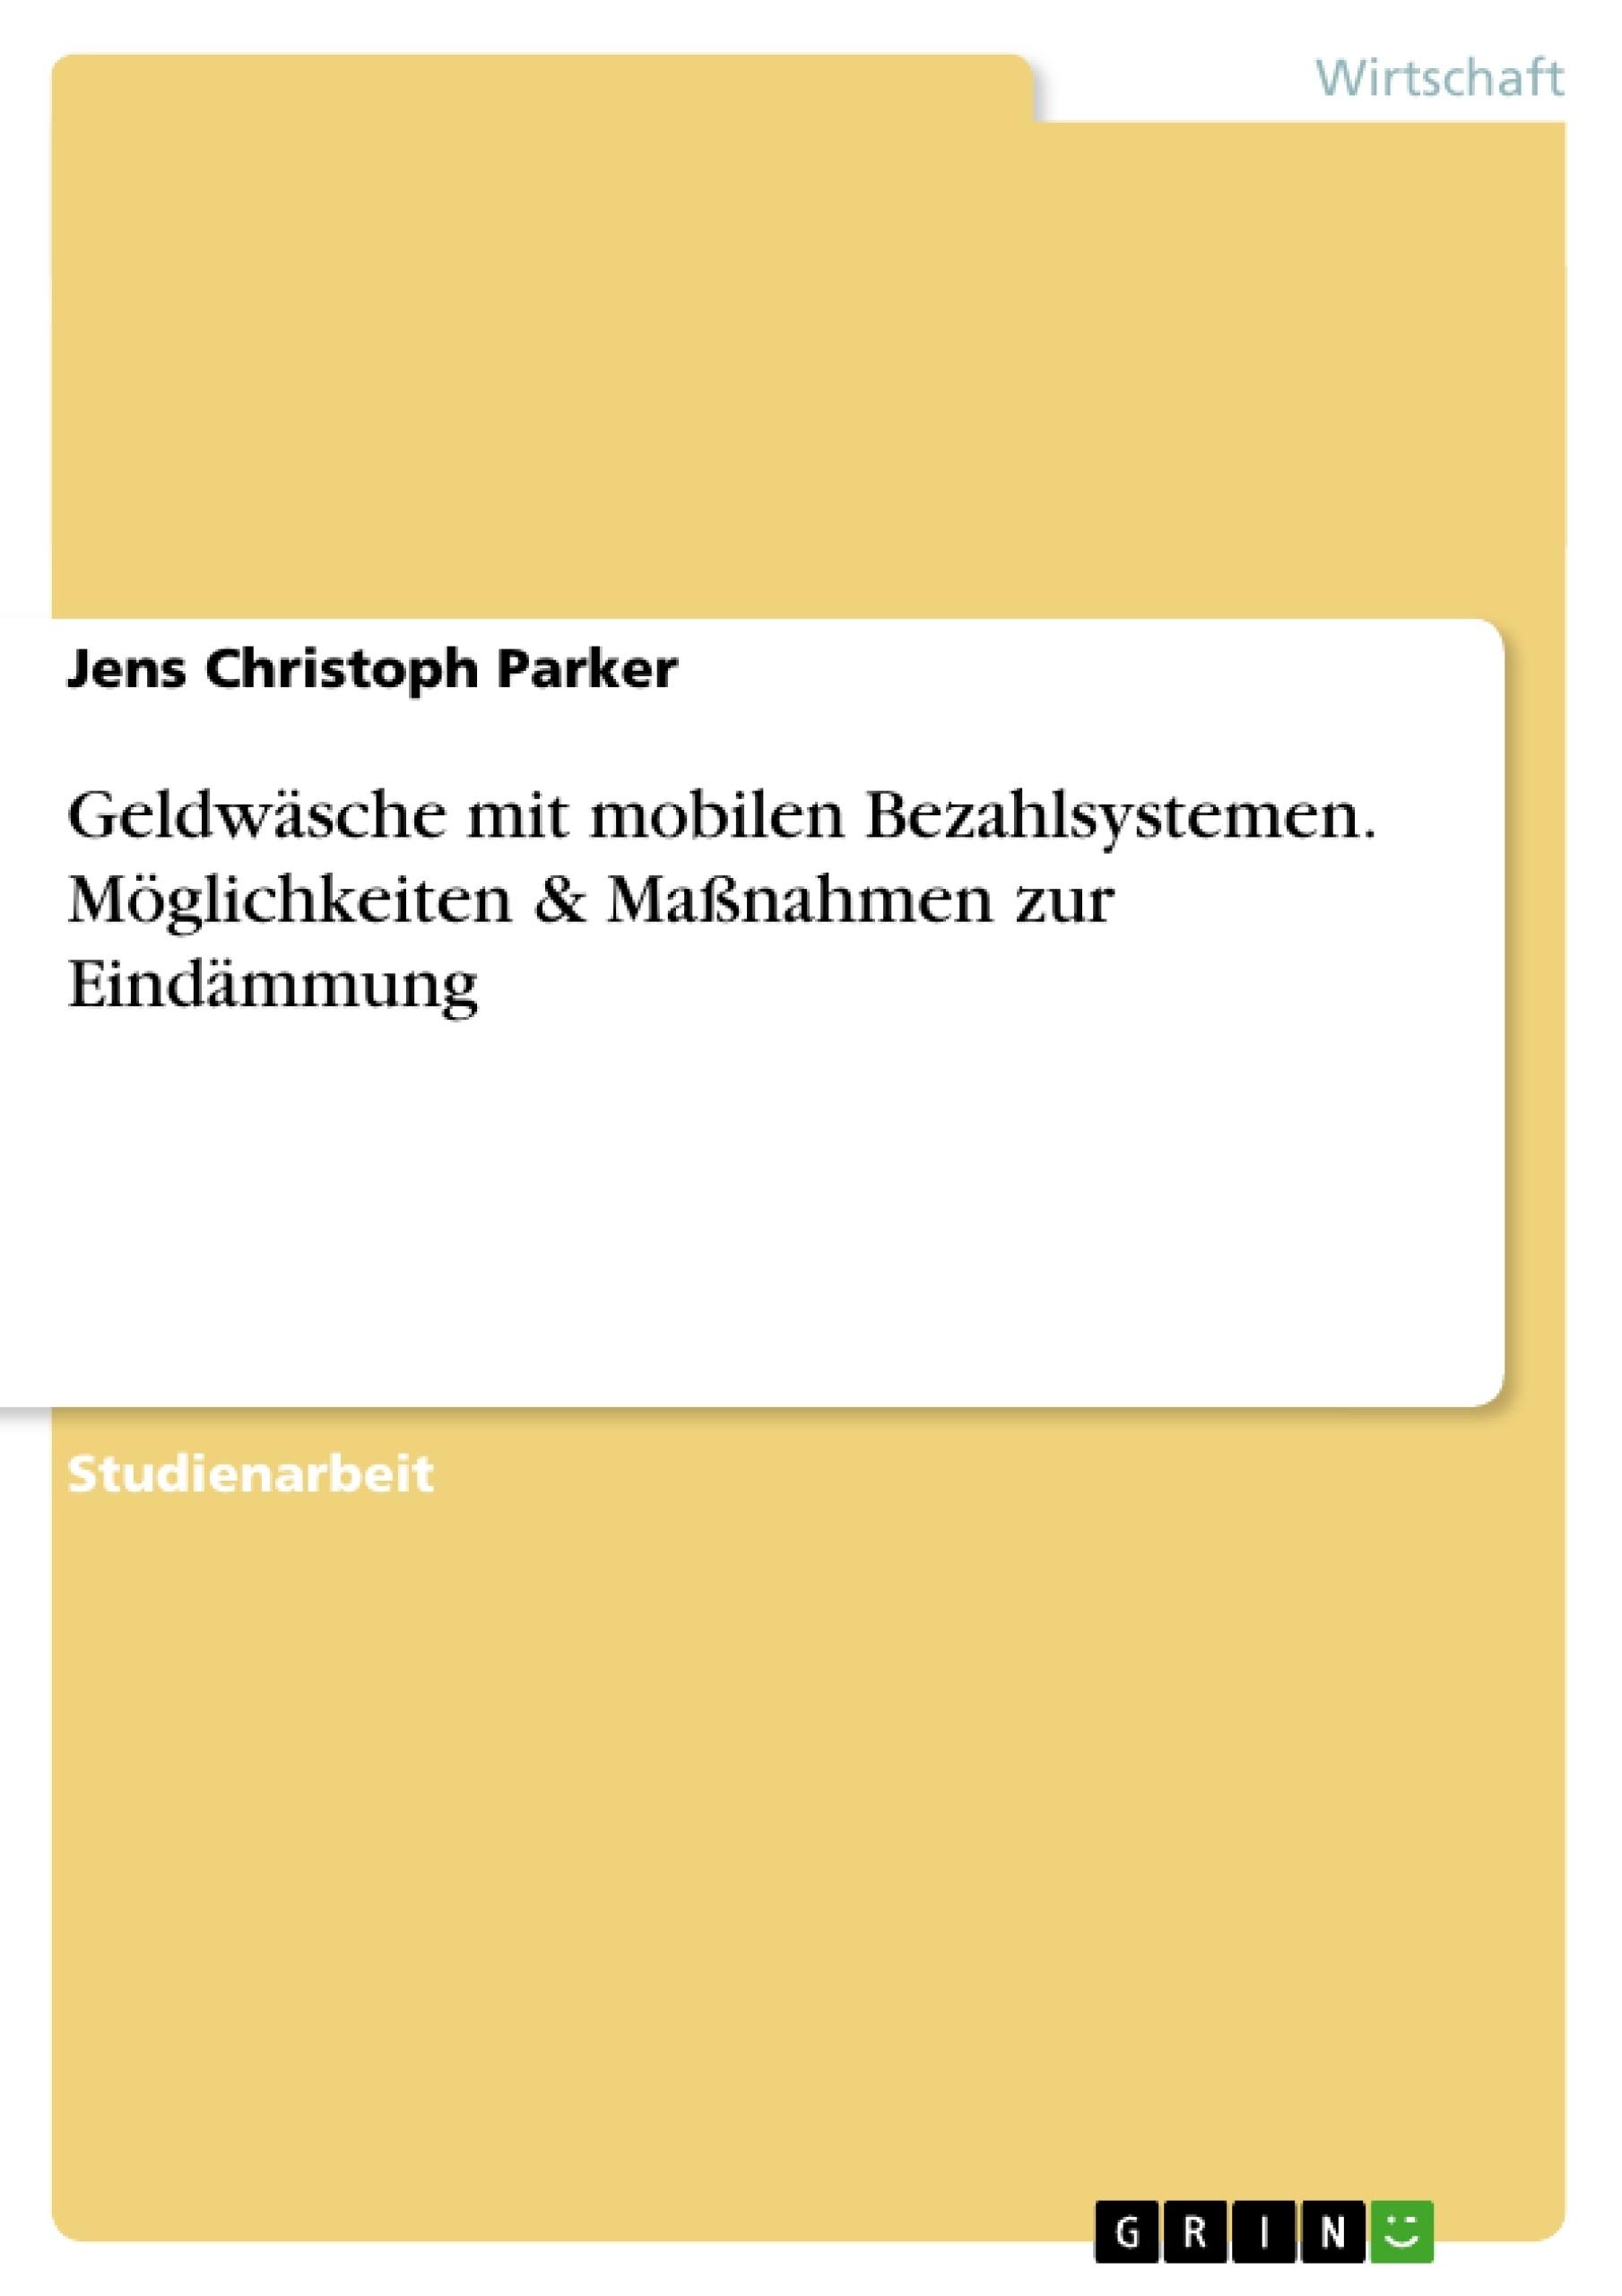 Titel: Geldwäsche mit mobilen Bezahlsystemen. Möglichkeiten & Maßnahmen zur Eindämmung